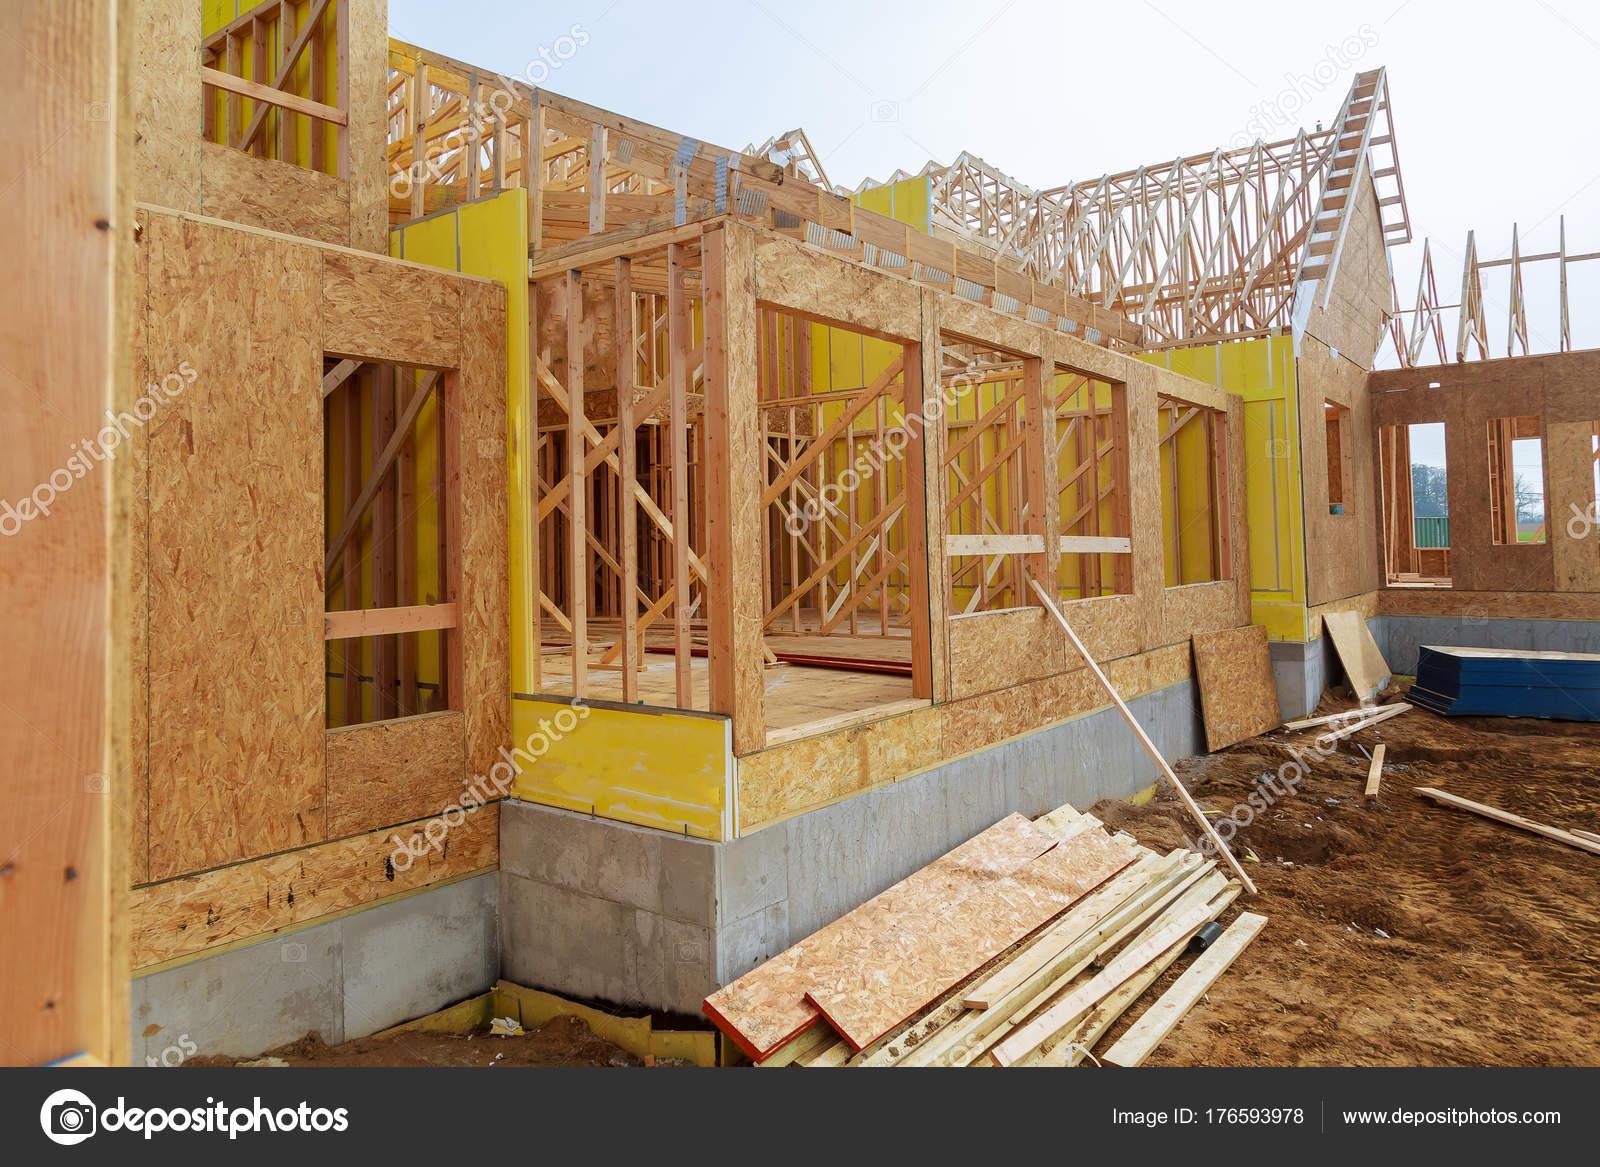 Resumen de marcos de madera casa construcción nueva — Foto de stock ...